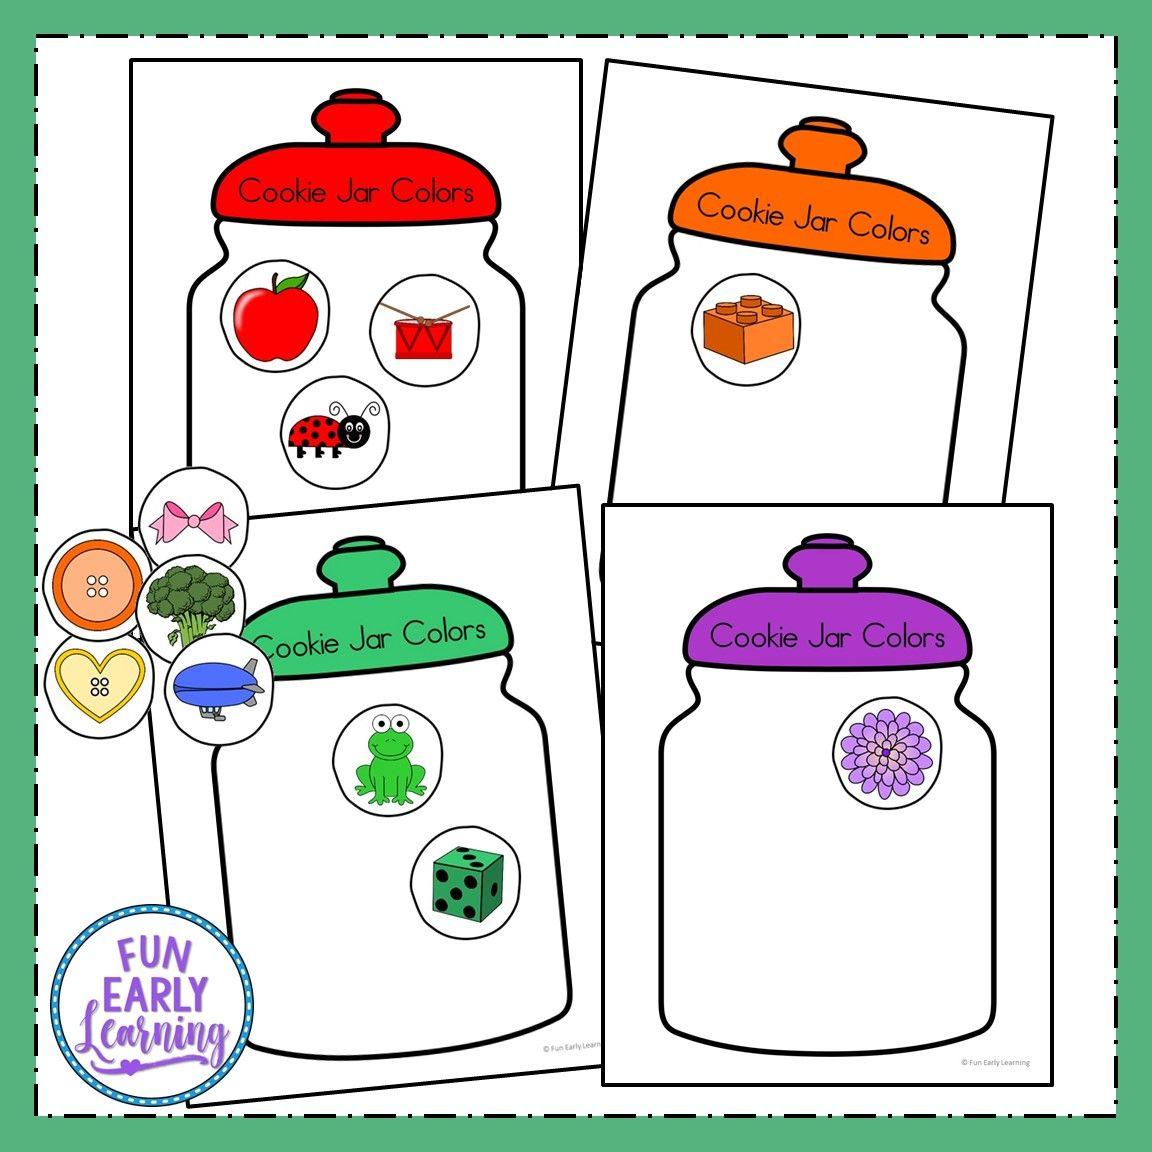 Cookie Jar Colors Activity